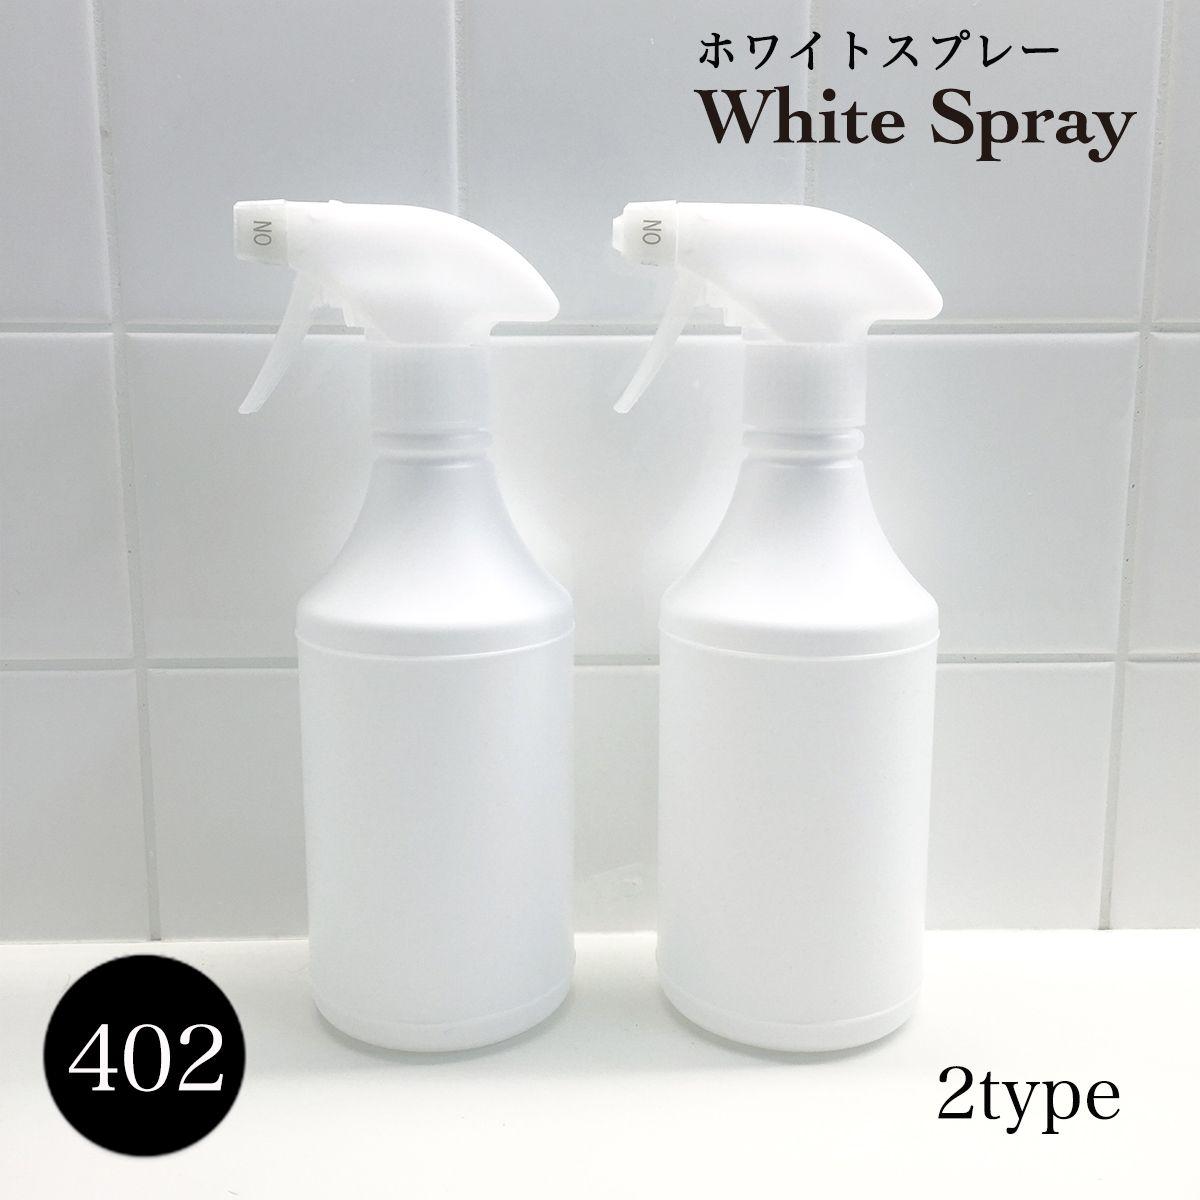 402 500mlホワイトスプレー ディスペンサー 泡 霧 詰め替え 詰替